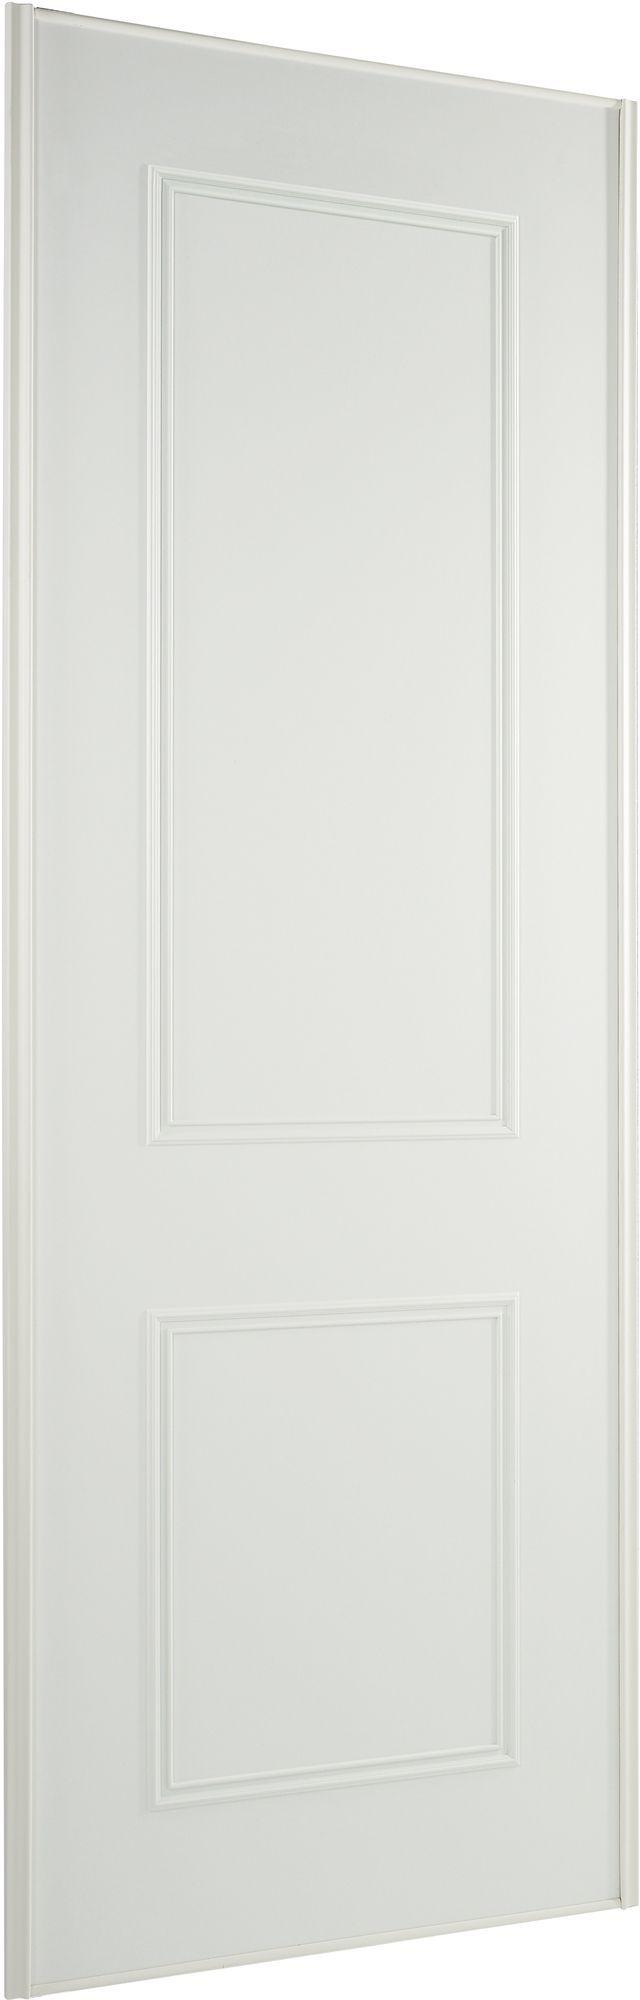 panel white wood effect sliding wardrobe door h 2220 mm. Black Bedroom Furniture Sets. Home Design Ideas